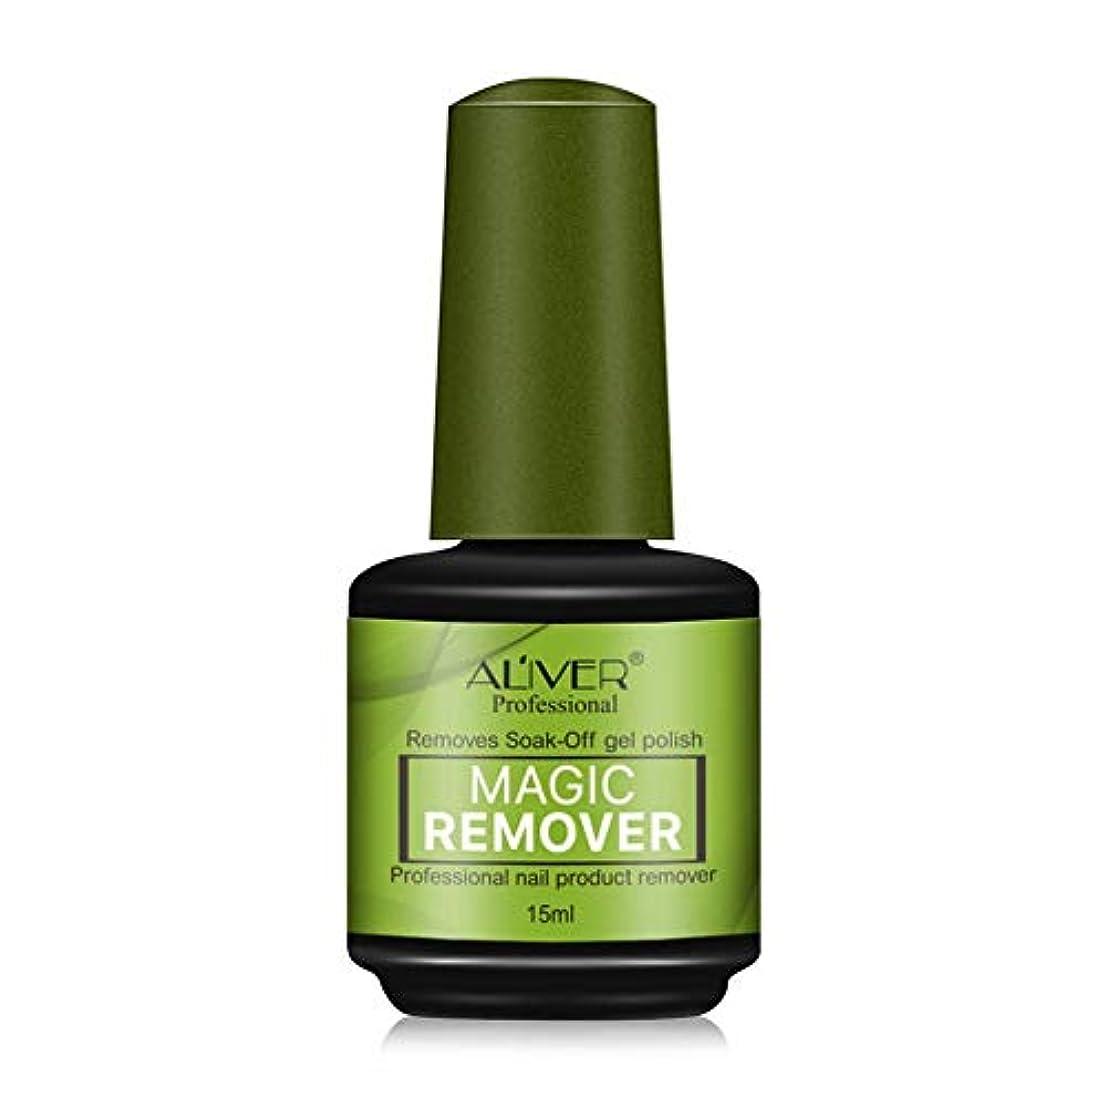 革命的企業バイアスネイルポリッシュ除去剤 天然素材 ネイル自動剥離剤 爪のポリッシュ 使いやすい 業務用 日常使用